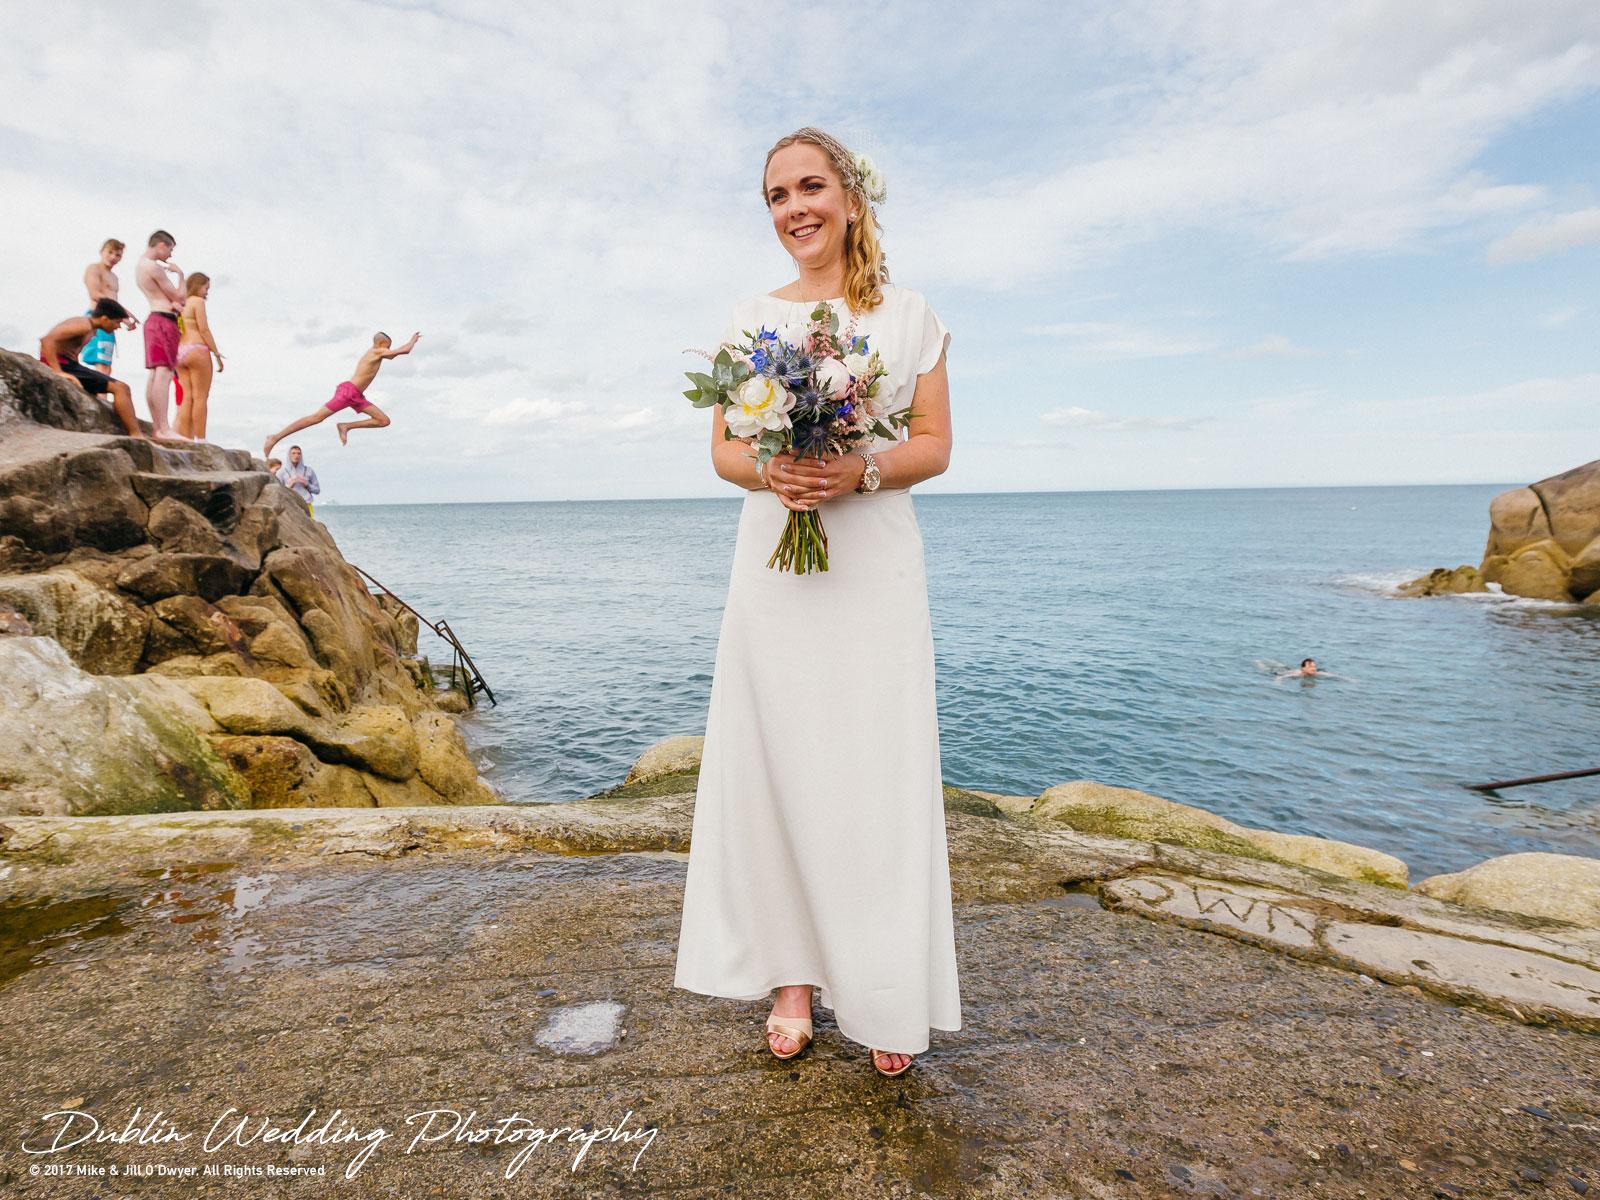 Dublin Wedding Photographer City Streets 010